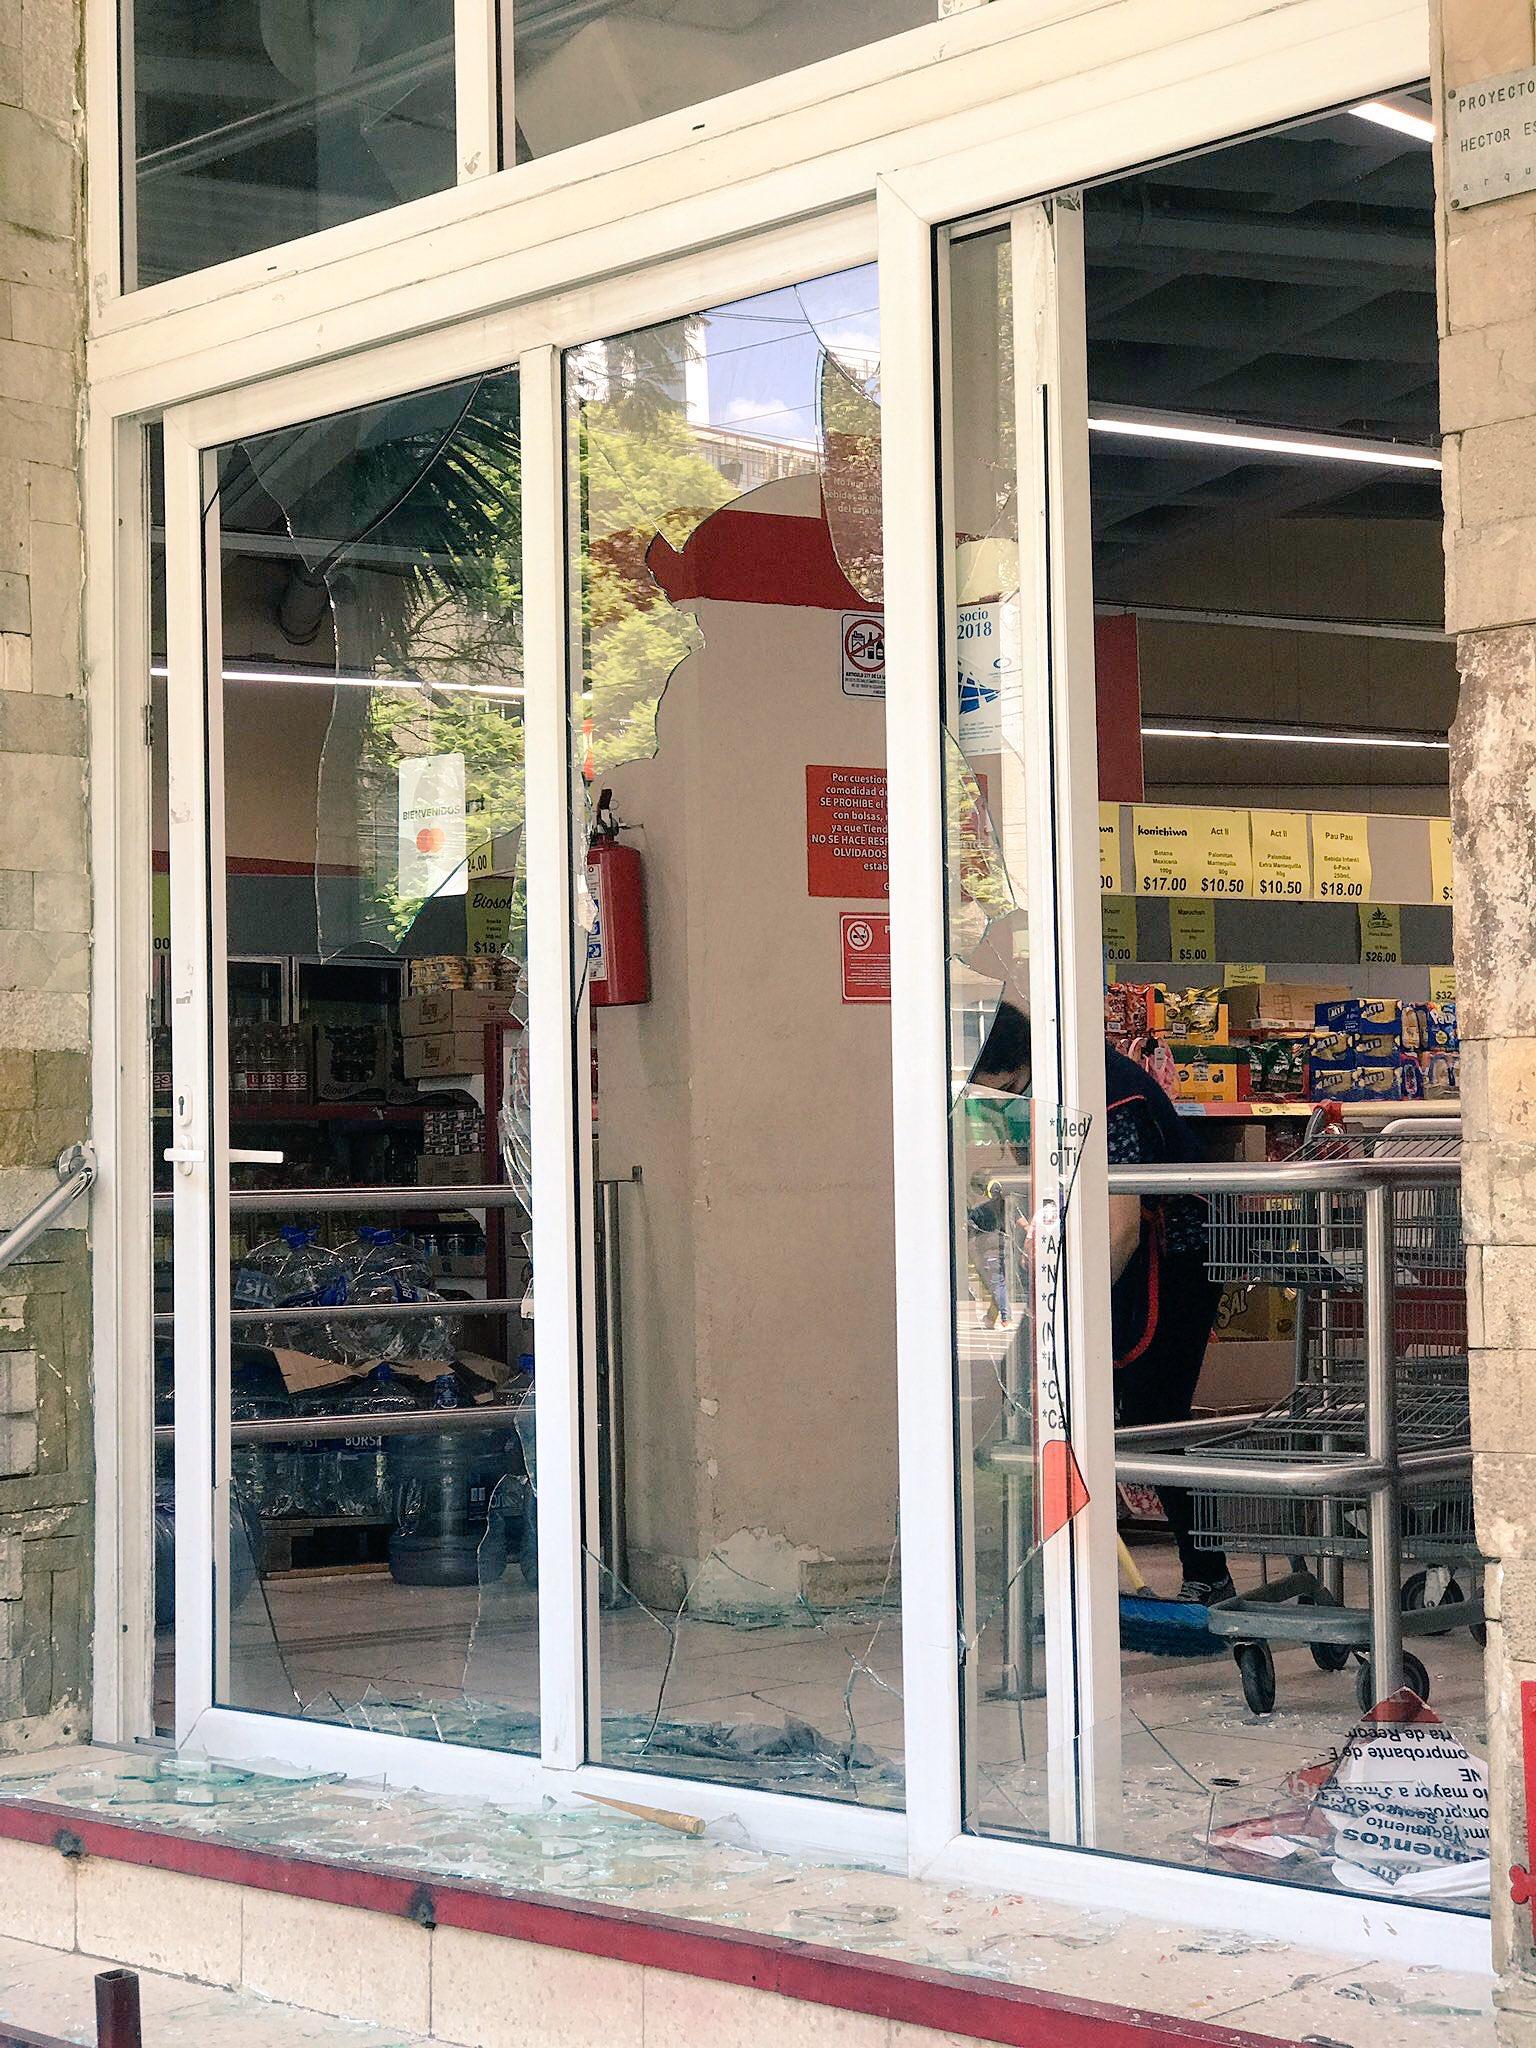 Manifestación en la CDMX acaba en riñas y destrozos